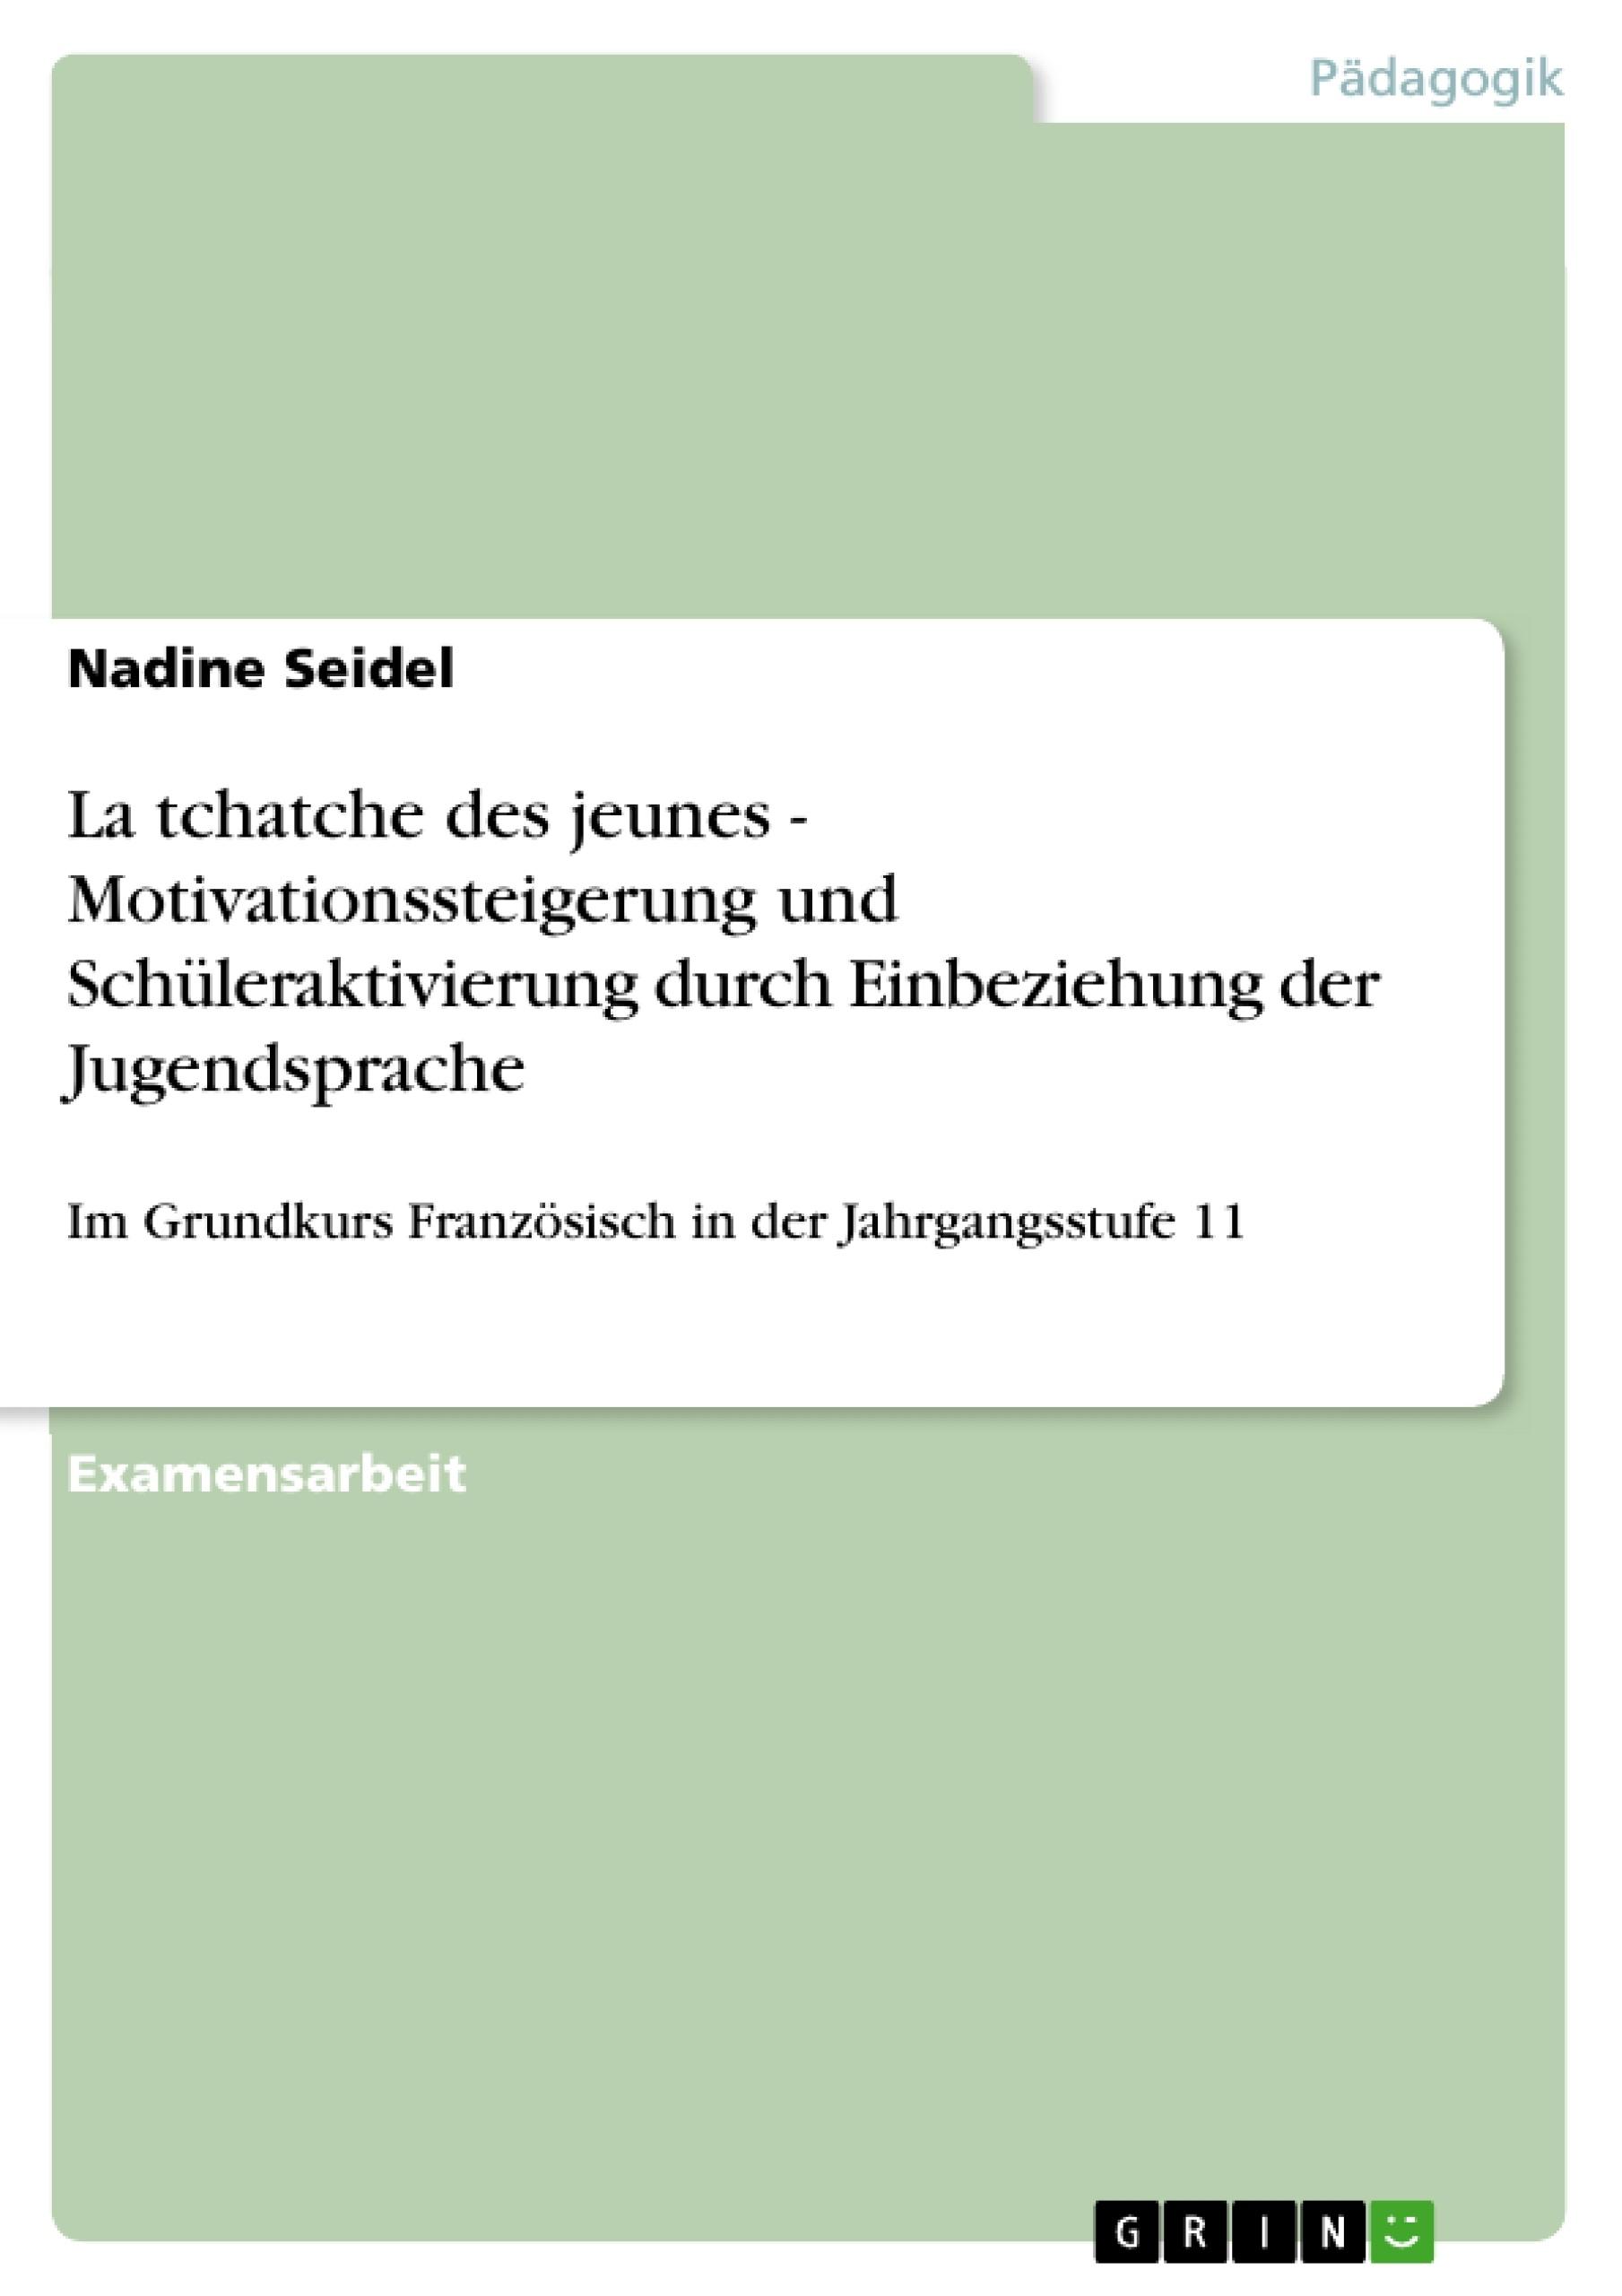 Titel: La tchatche des jeunes - Motivationssteigerung und Schüleraktivierung durch Einbeziehung der Jugendsprache